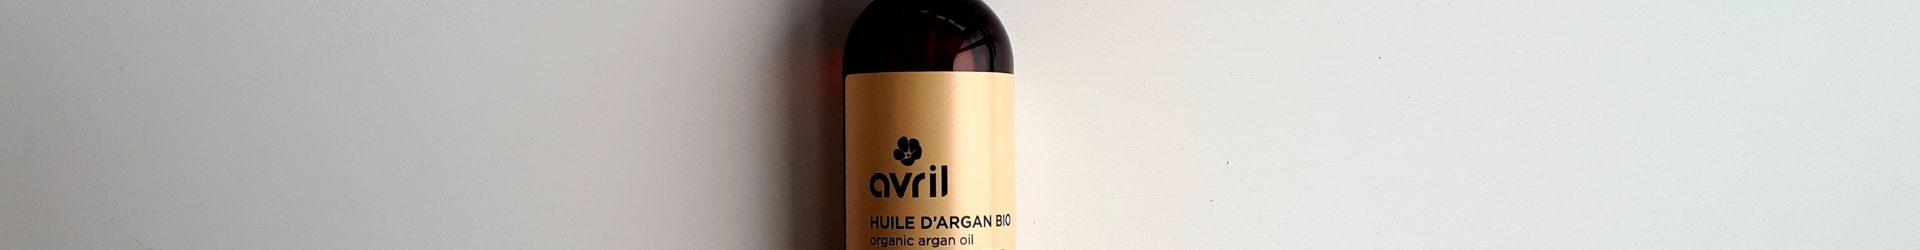 Avril – Huile d'argan bio (100ml)